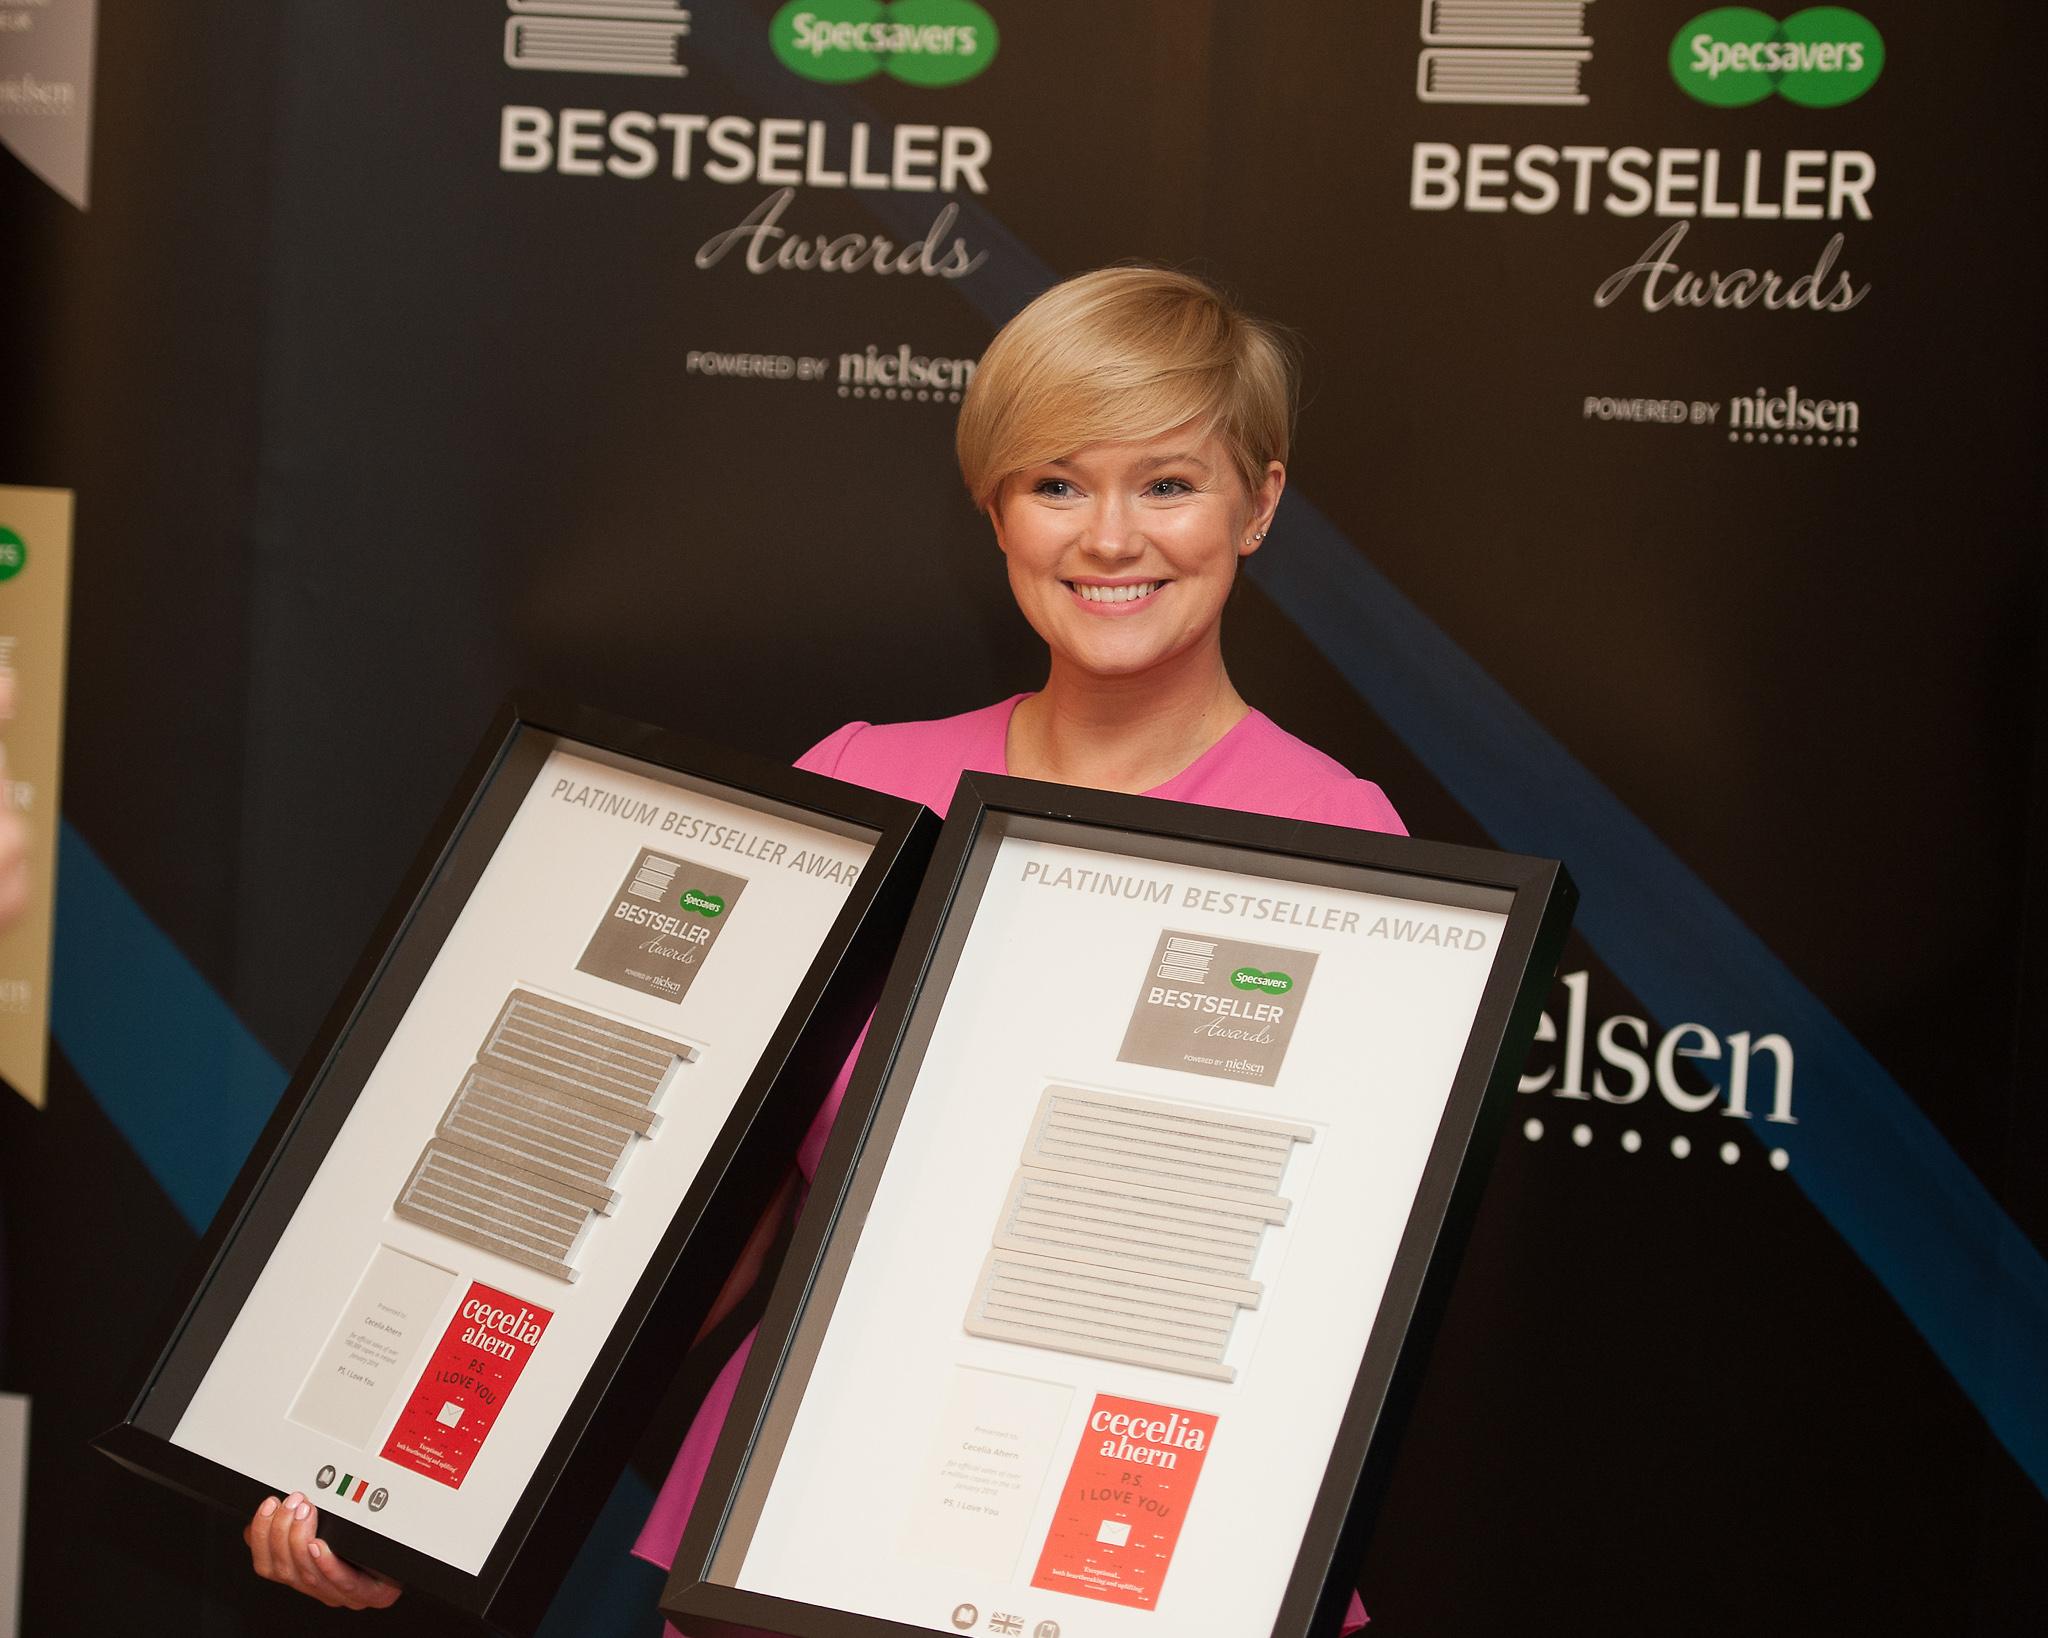 Cecelia Ahern picks up two Nielsen Bestseller Awards